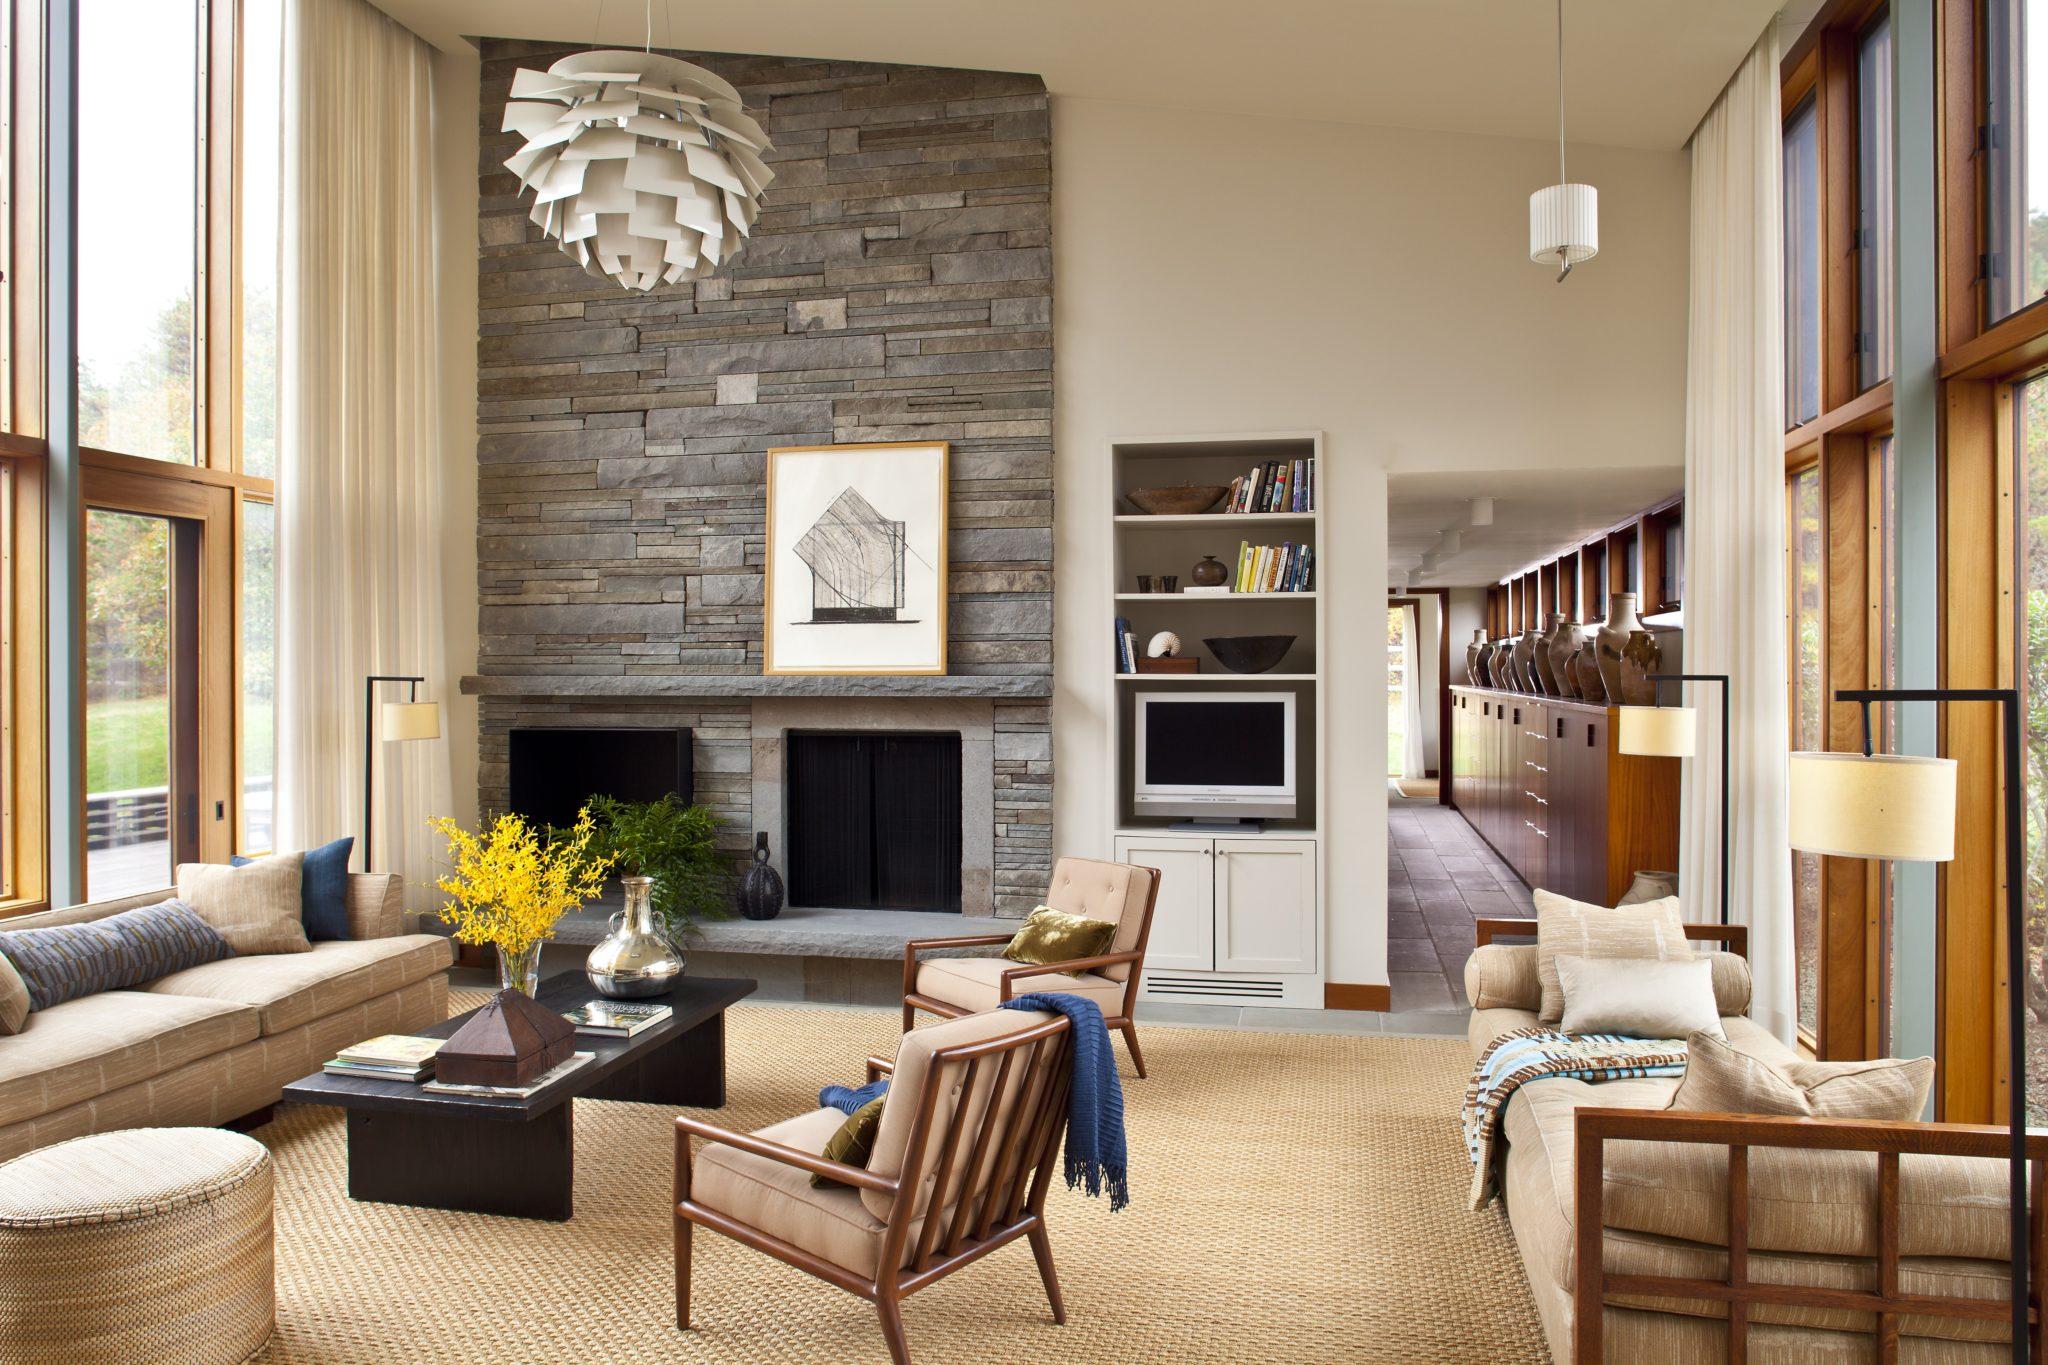 Cùng chiêm ngưỡng vẻ đẹp khó cưỡng của những căn phòng khách mang phong cách đương đại - Ảnh 3.